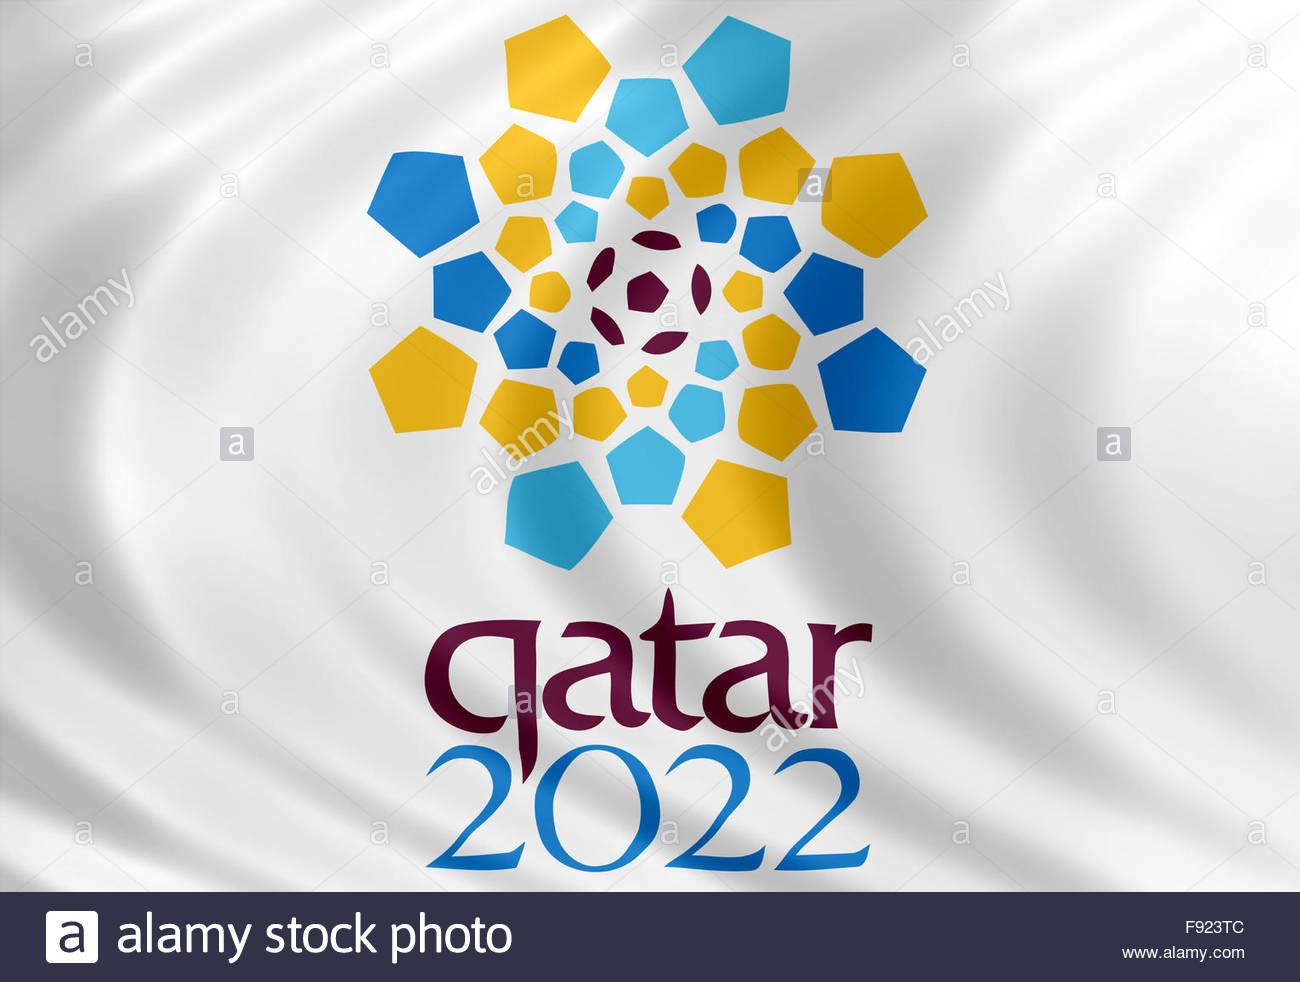 qatar wm